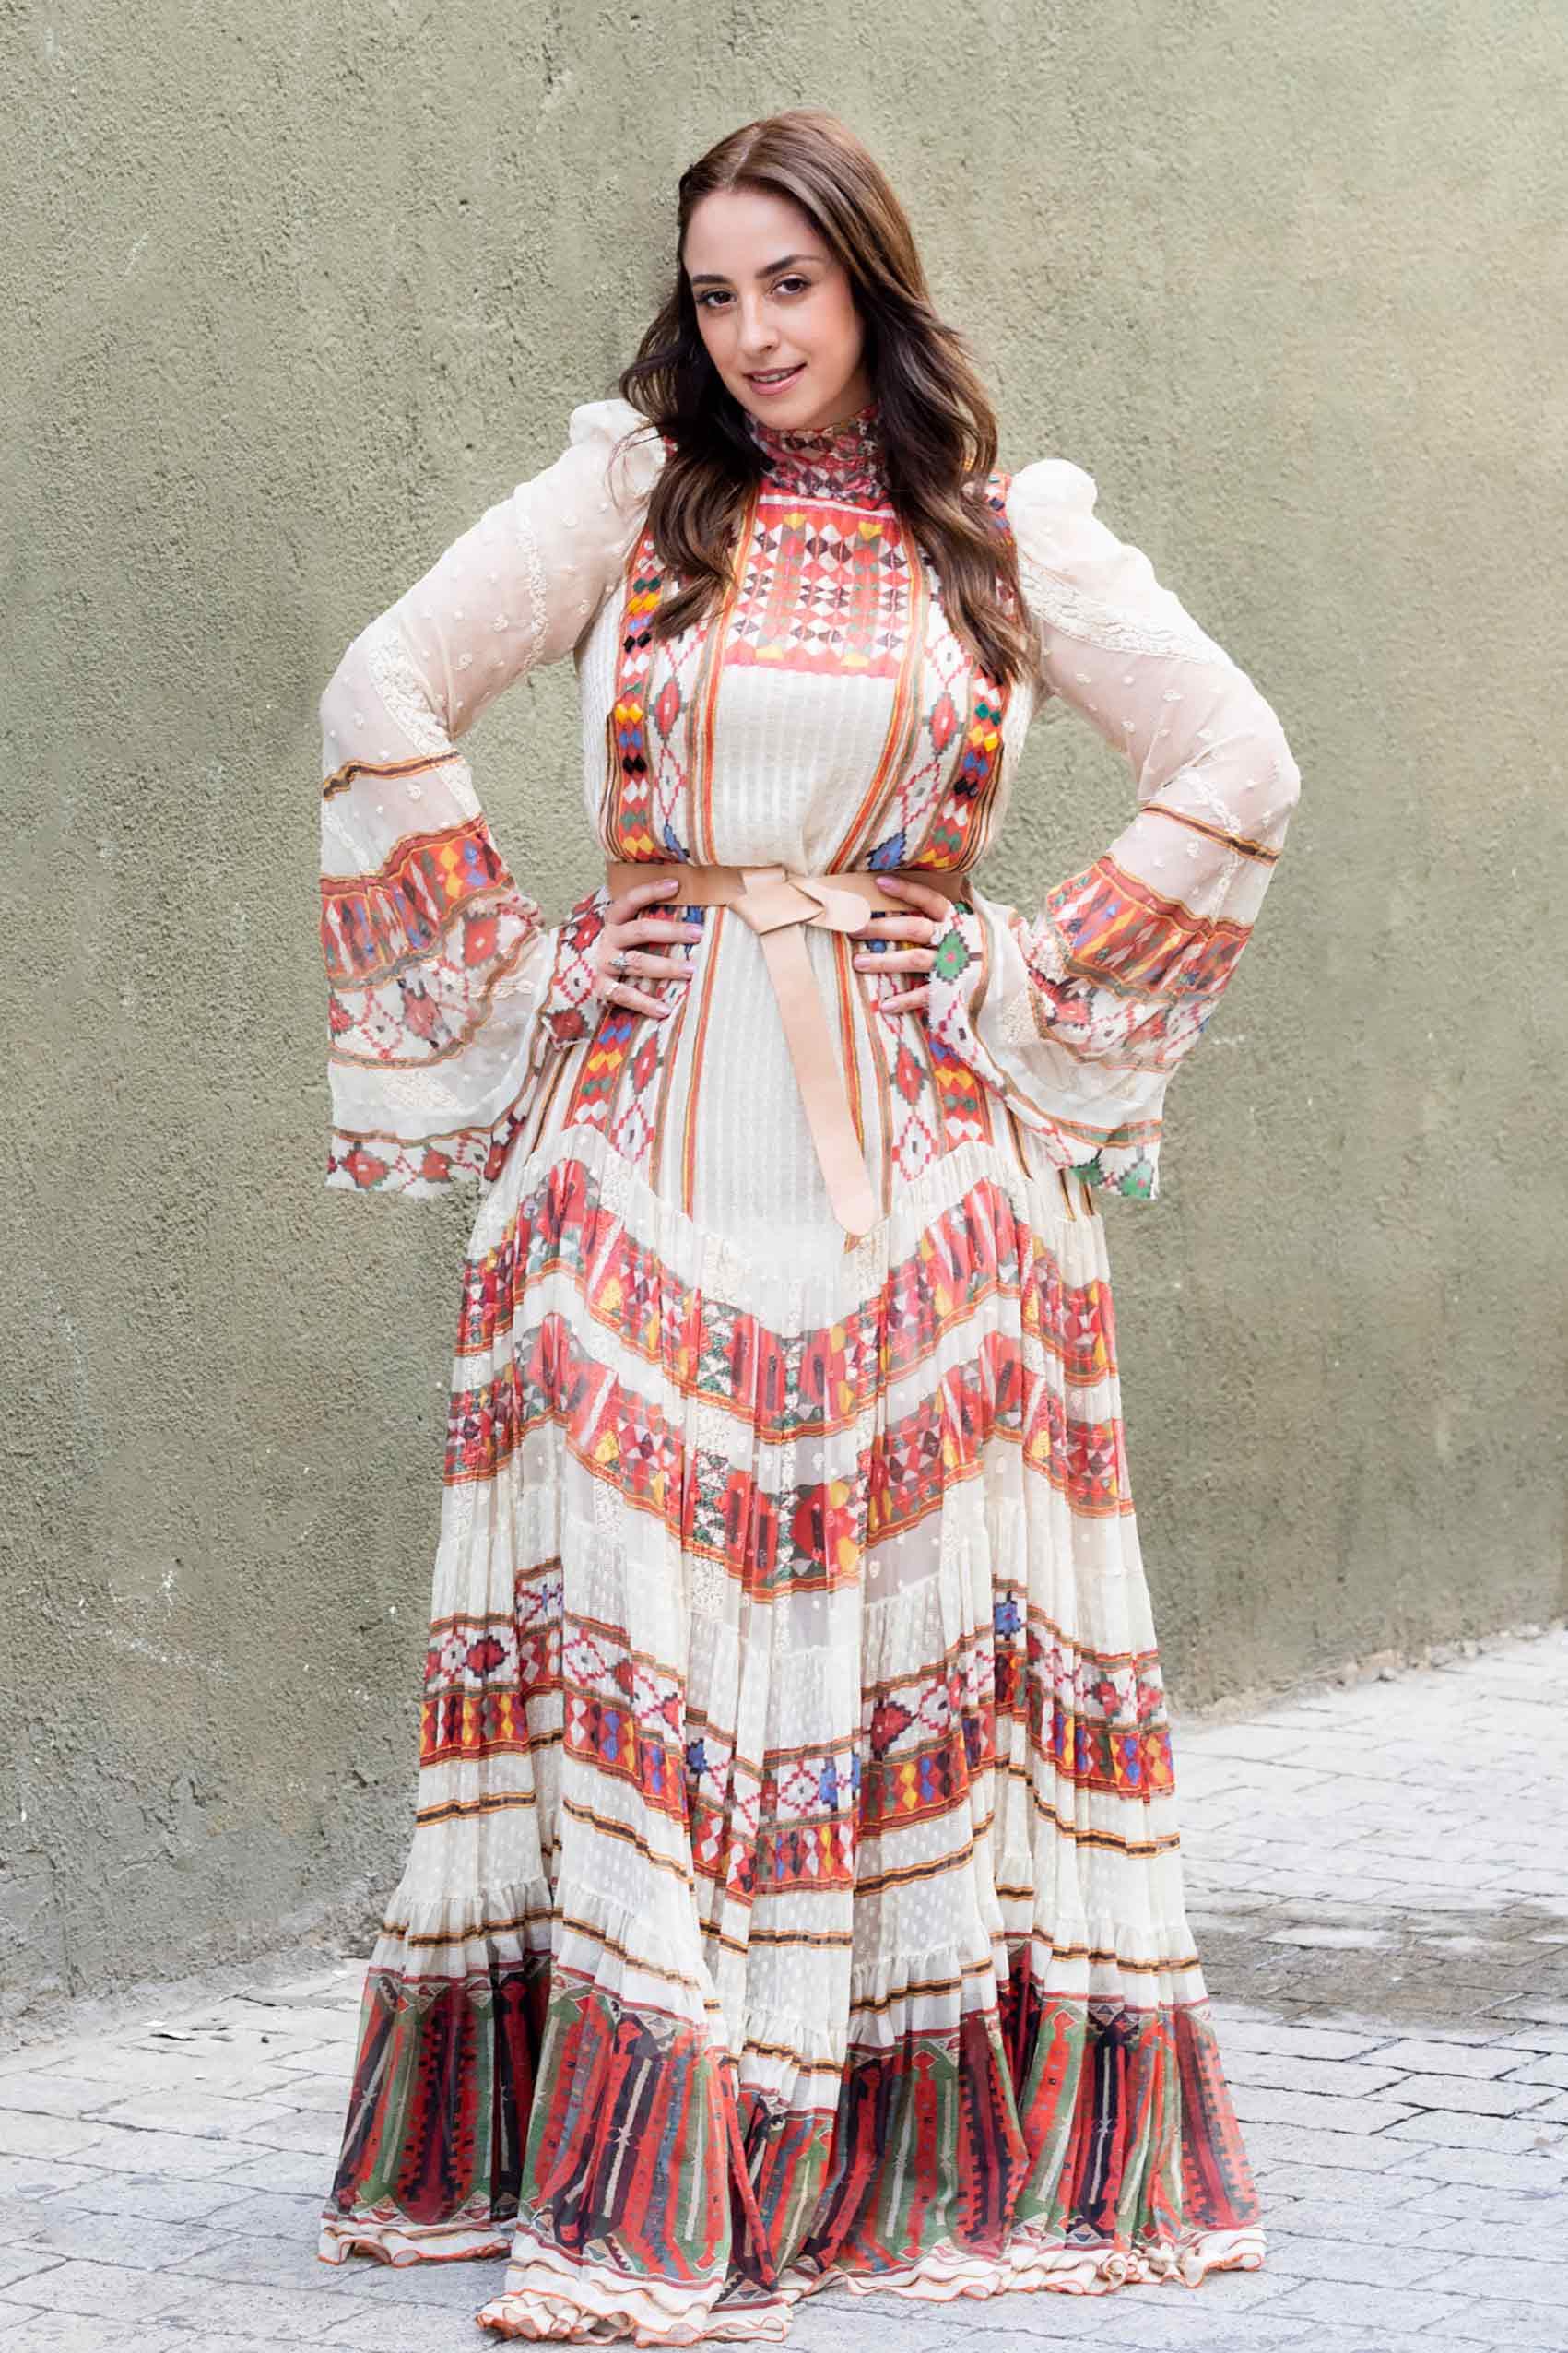 מגזין-אופנה-טלי ארבל לובשת ויוי בלאיש, צילום: שלי פדן-לורבר-כתבות-אופנה